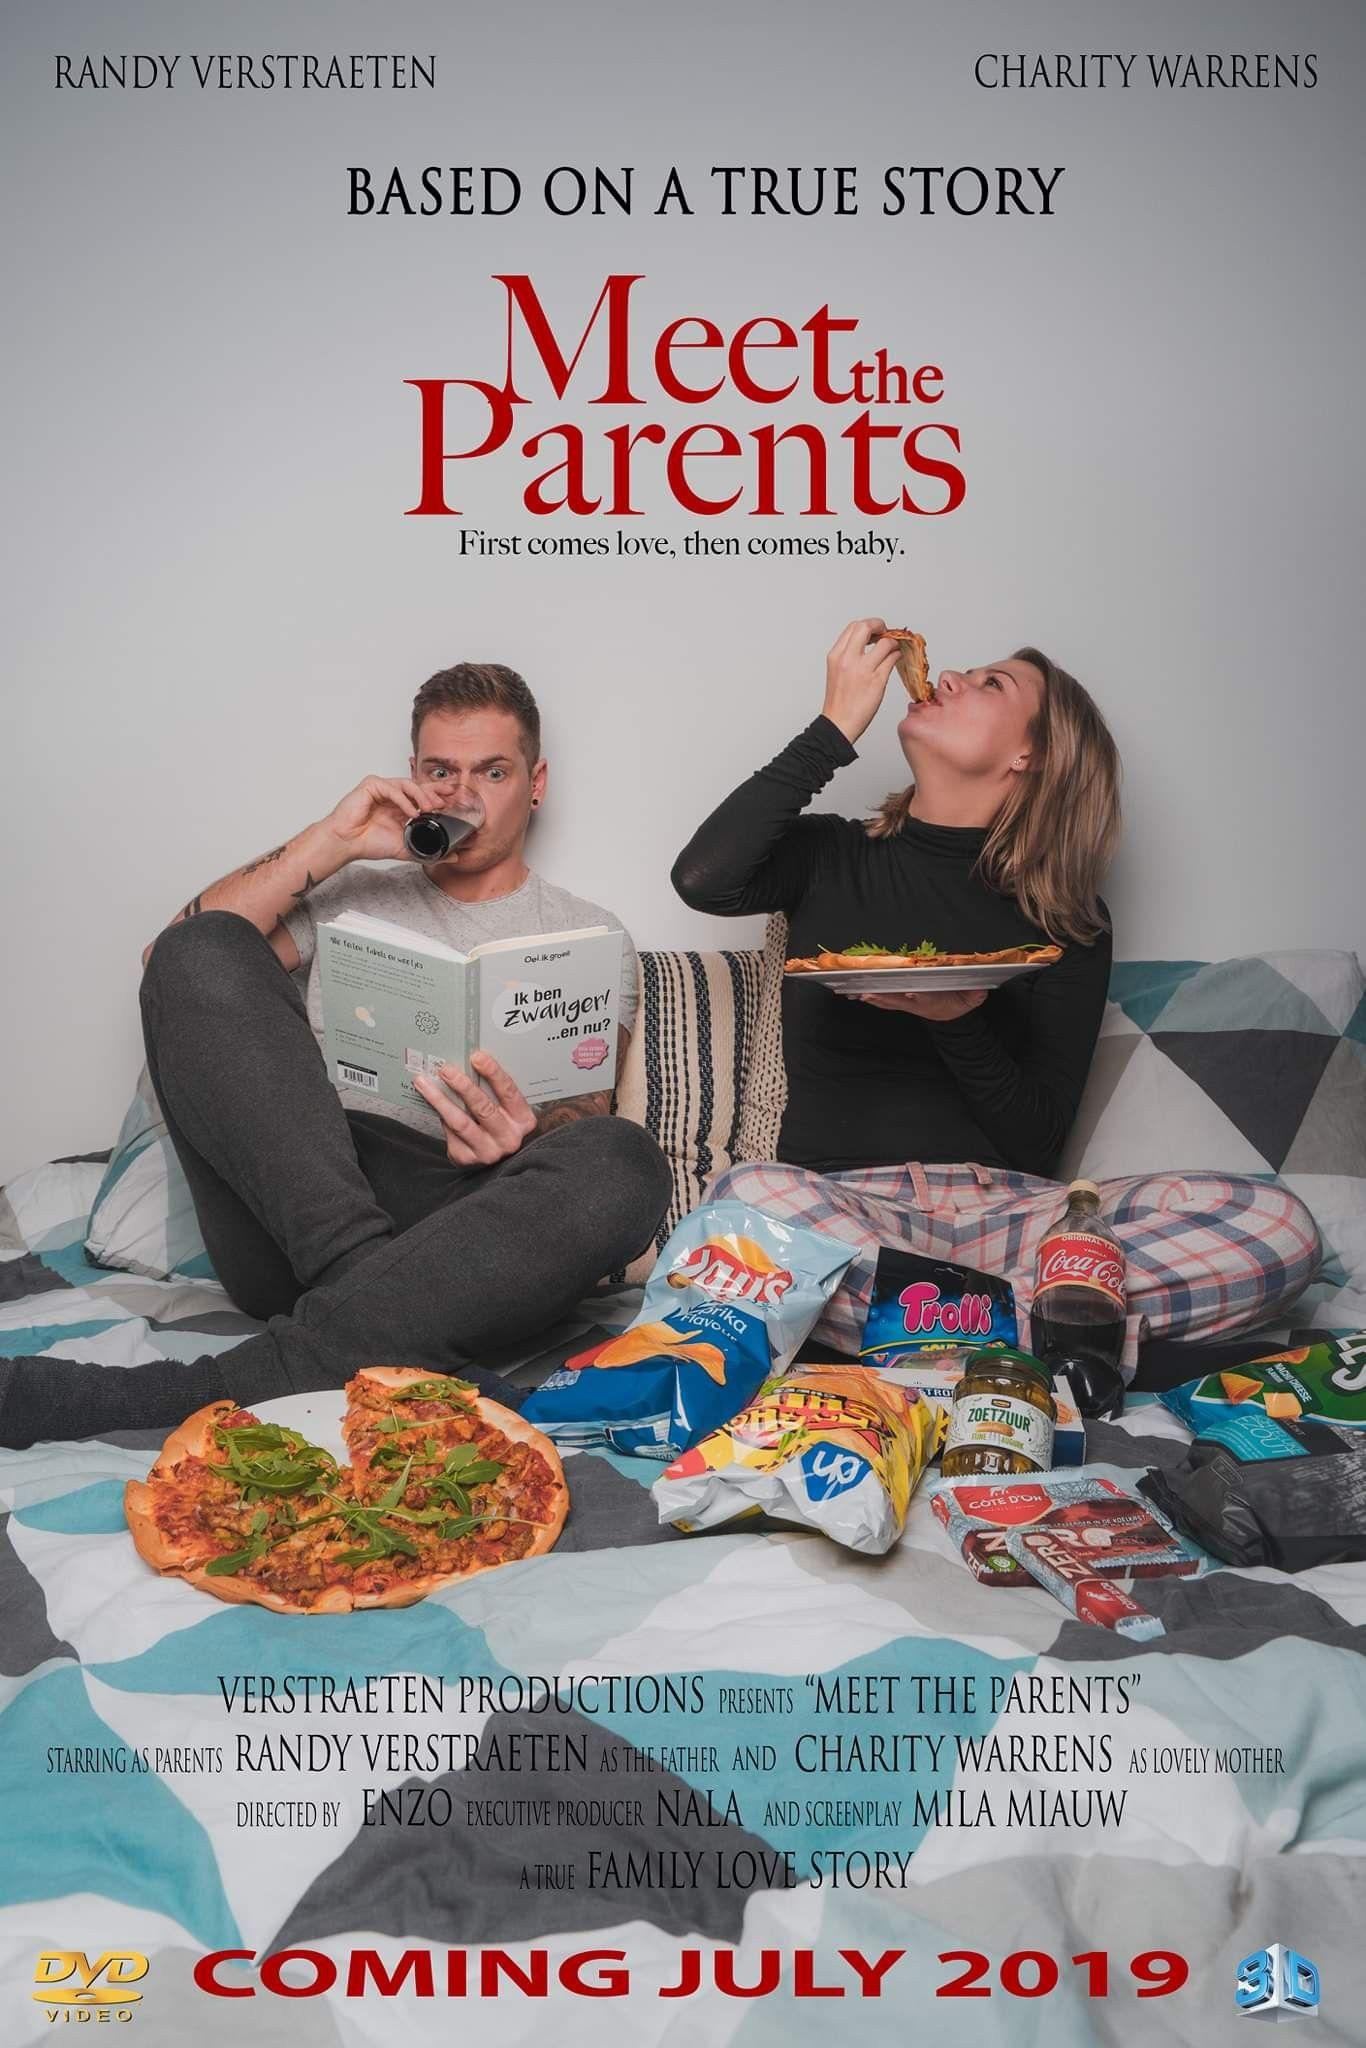 Pin van Charity Warrens op baby | Zwanger aankondigingen, Baby aankondiging  foto, Grappige zwangerschapsaankondiging